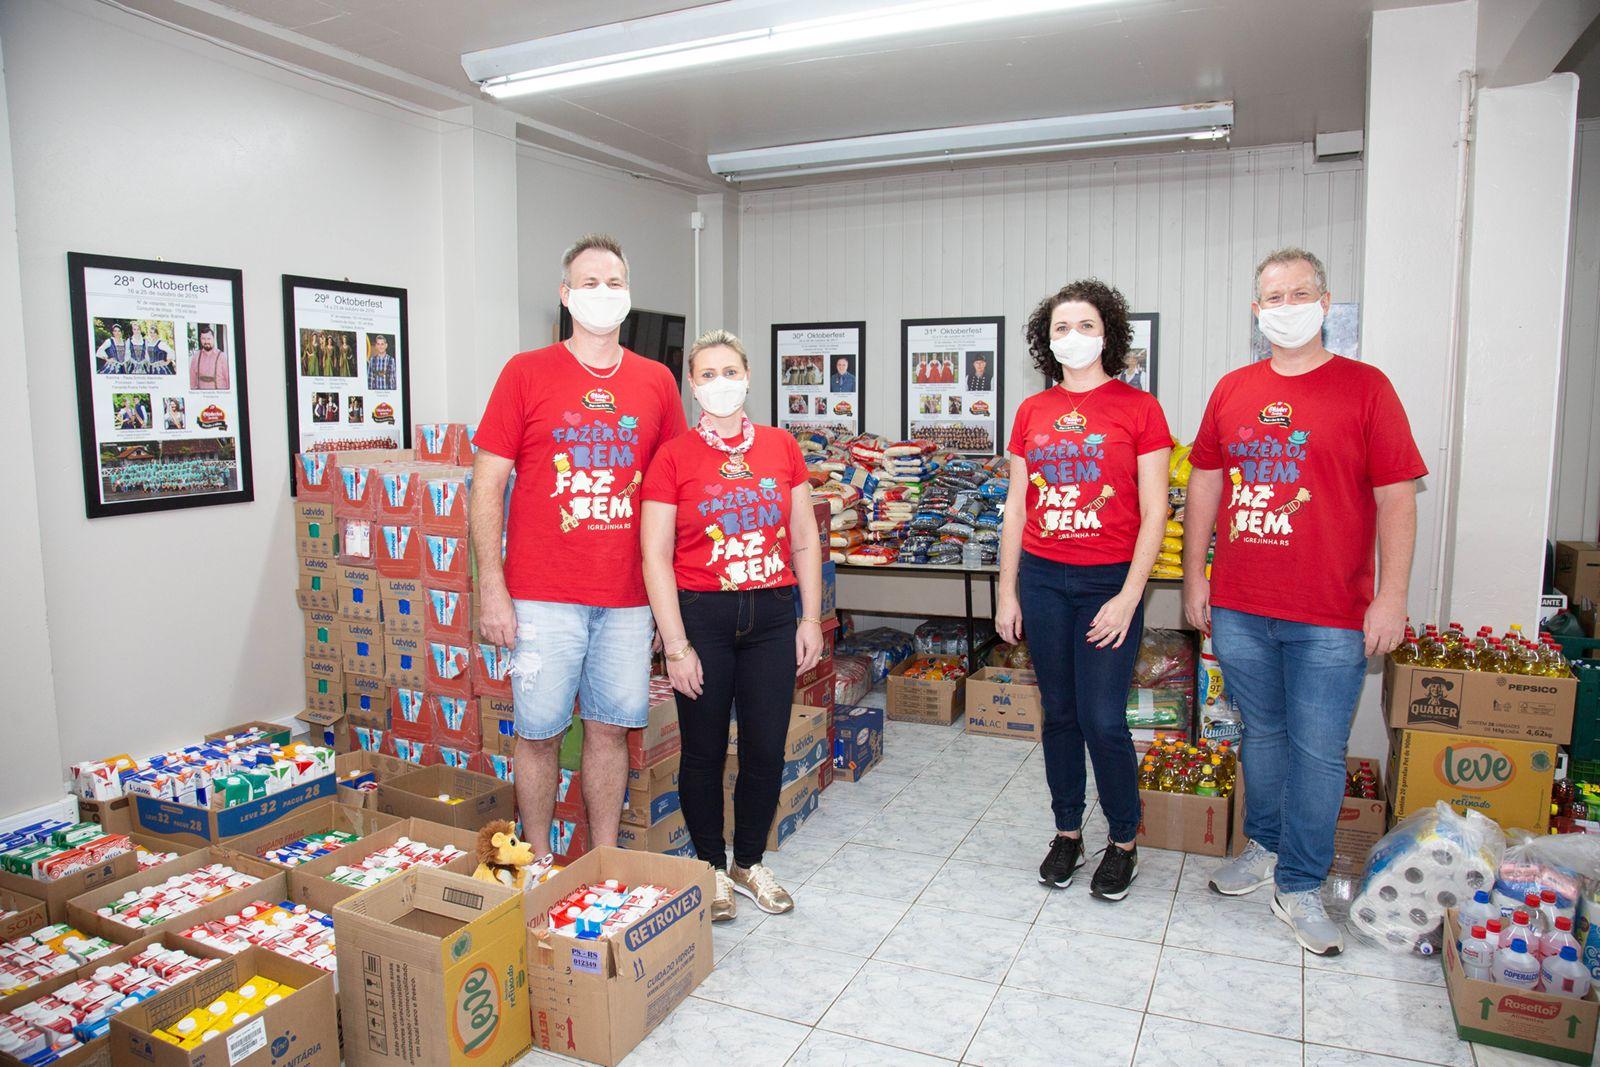 Grande Ação da Oktoberfest de Igrejinha arrecada mais de três toneladas de alimentos